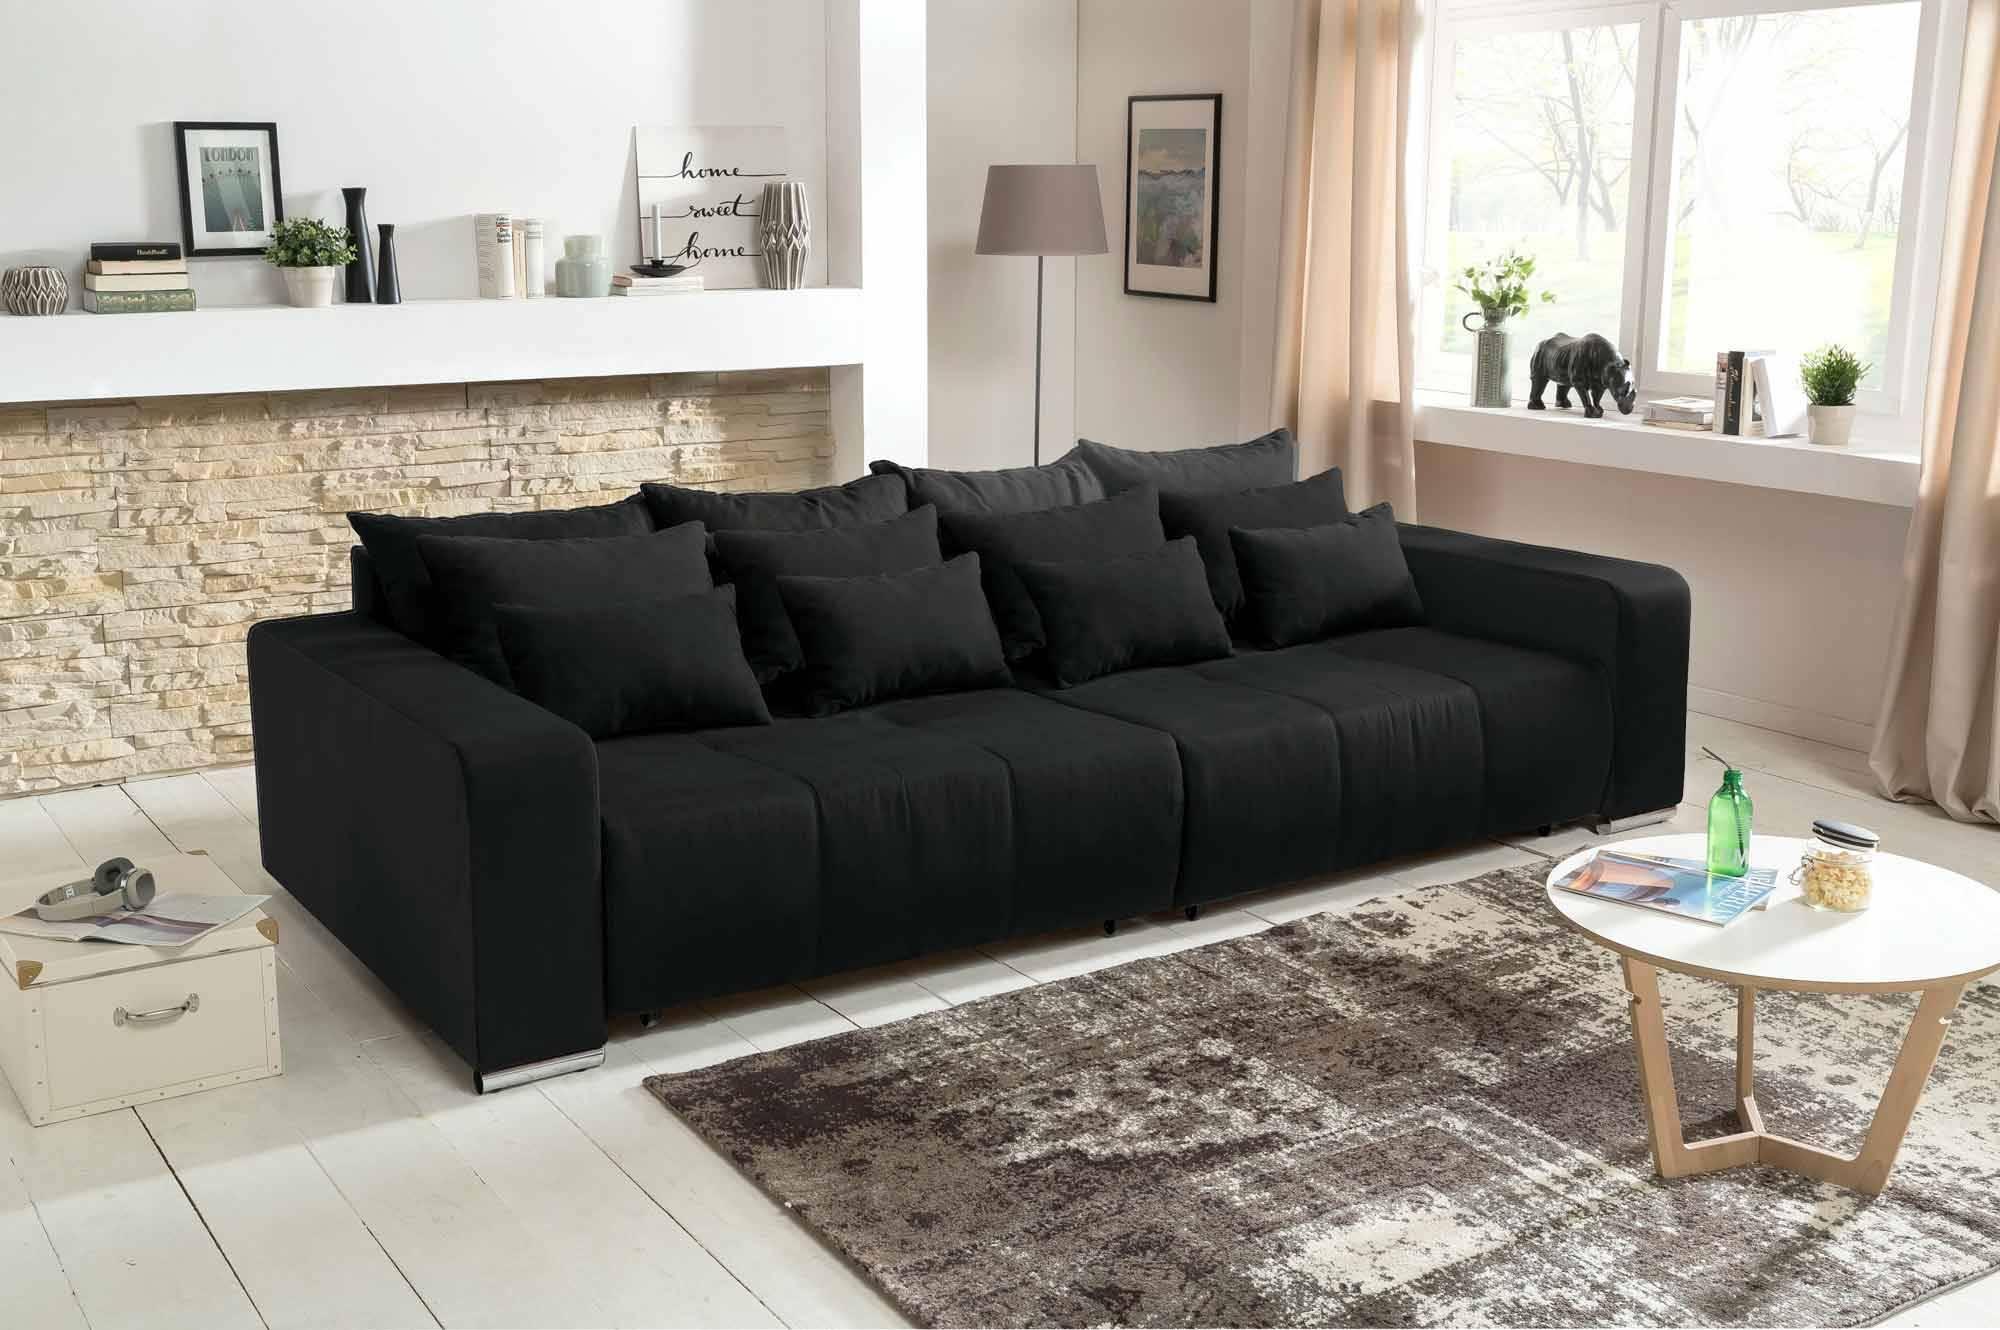 Full Size of Big Sofa Günstig In Schwarz Xxl Gnstig Online Kaufen Lifestyle4living Mit Hocker Grau Sofort Lieferbar Esstisch Leder überzug Kleines Wohnzimmer Marken Sofa Big Sofa Günstig